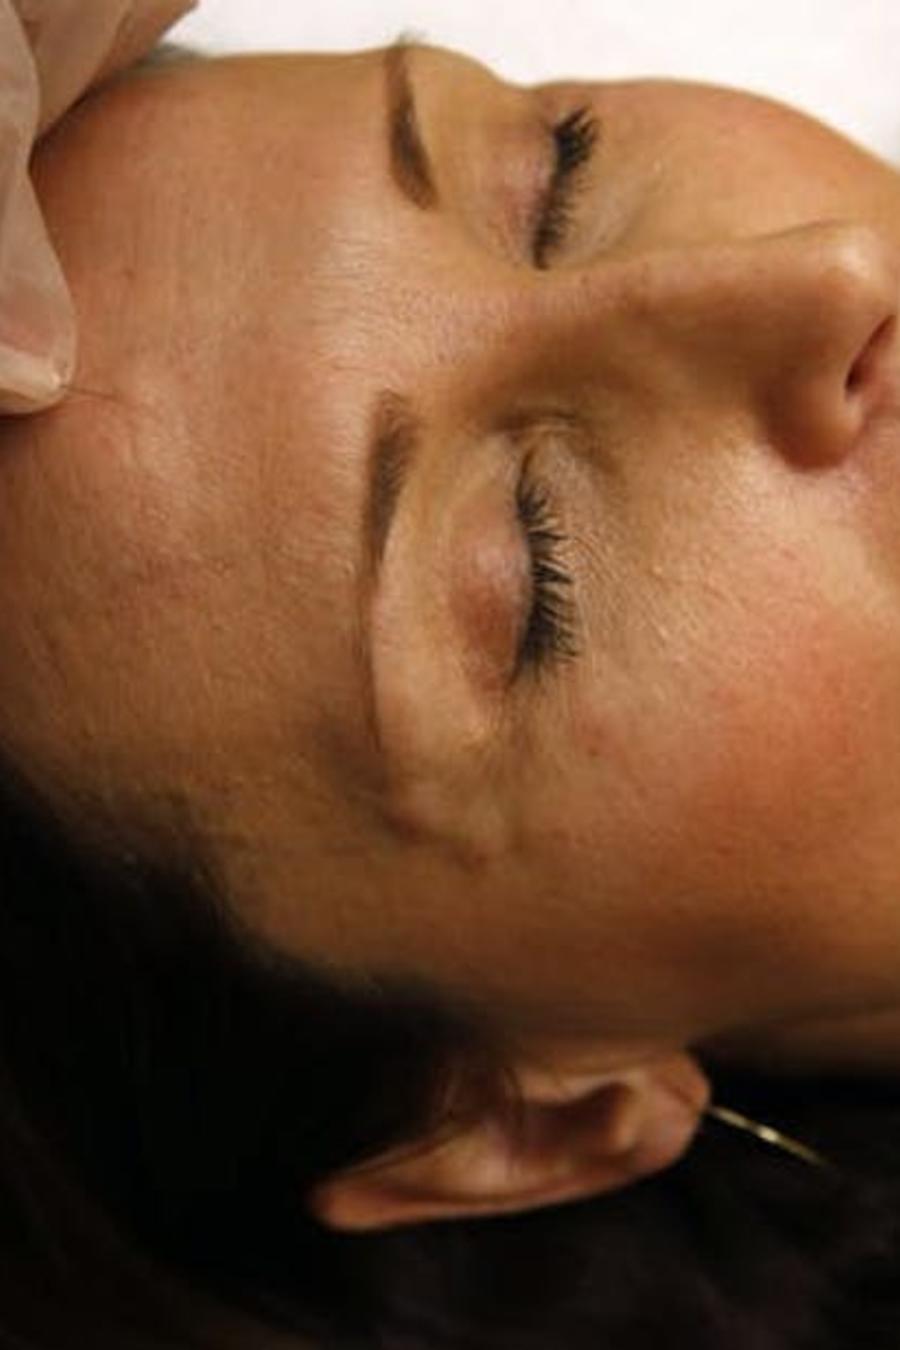 El botox es actualmente el tratamiento cosmético no quirúrgico más popular en Estados Unidos.